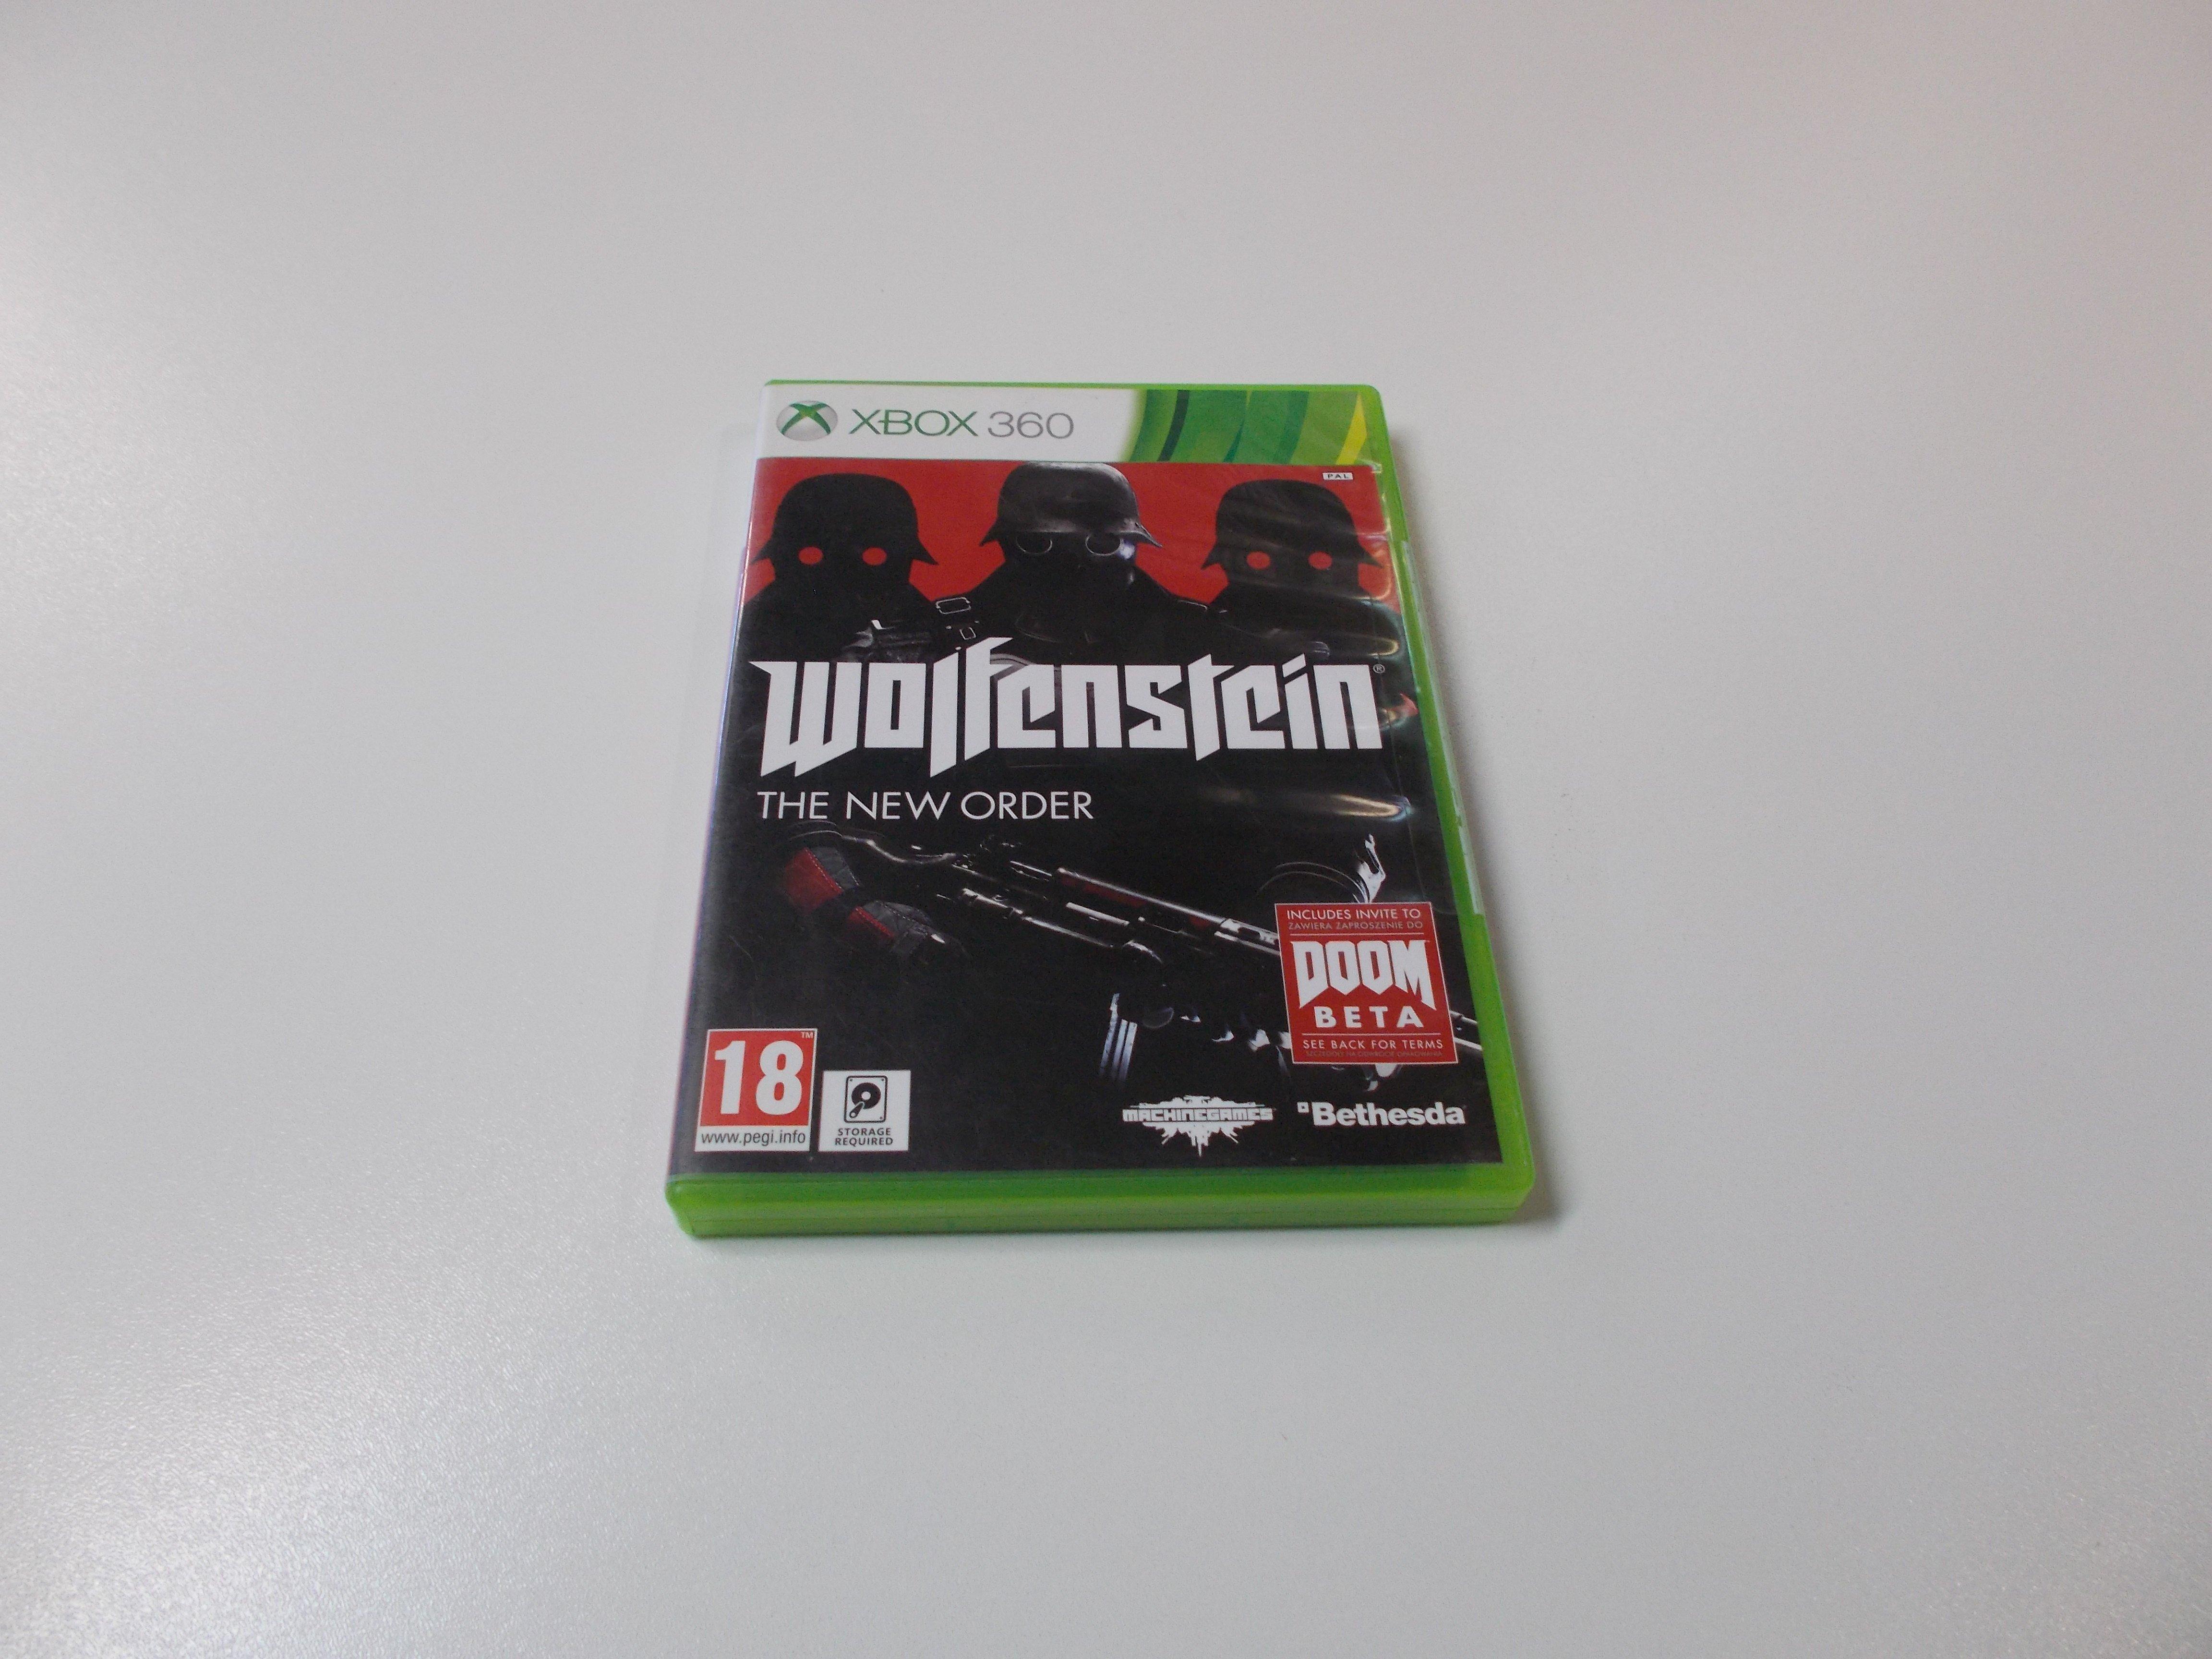 Wolfenstein The New Order - GRA Xbox 360 - Opole 0434